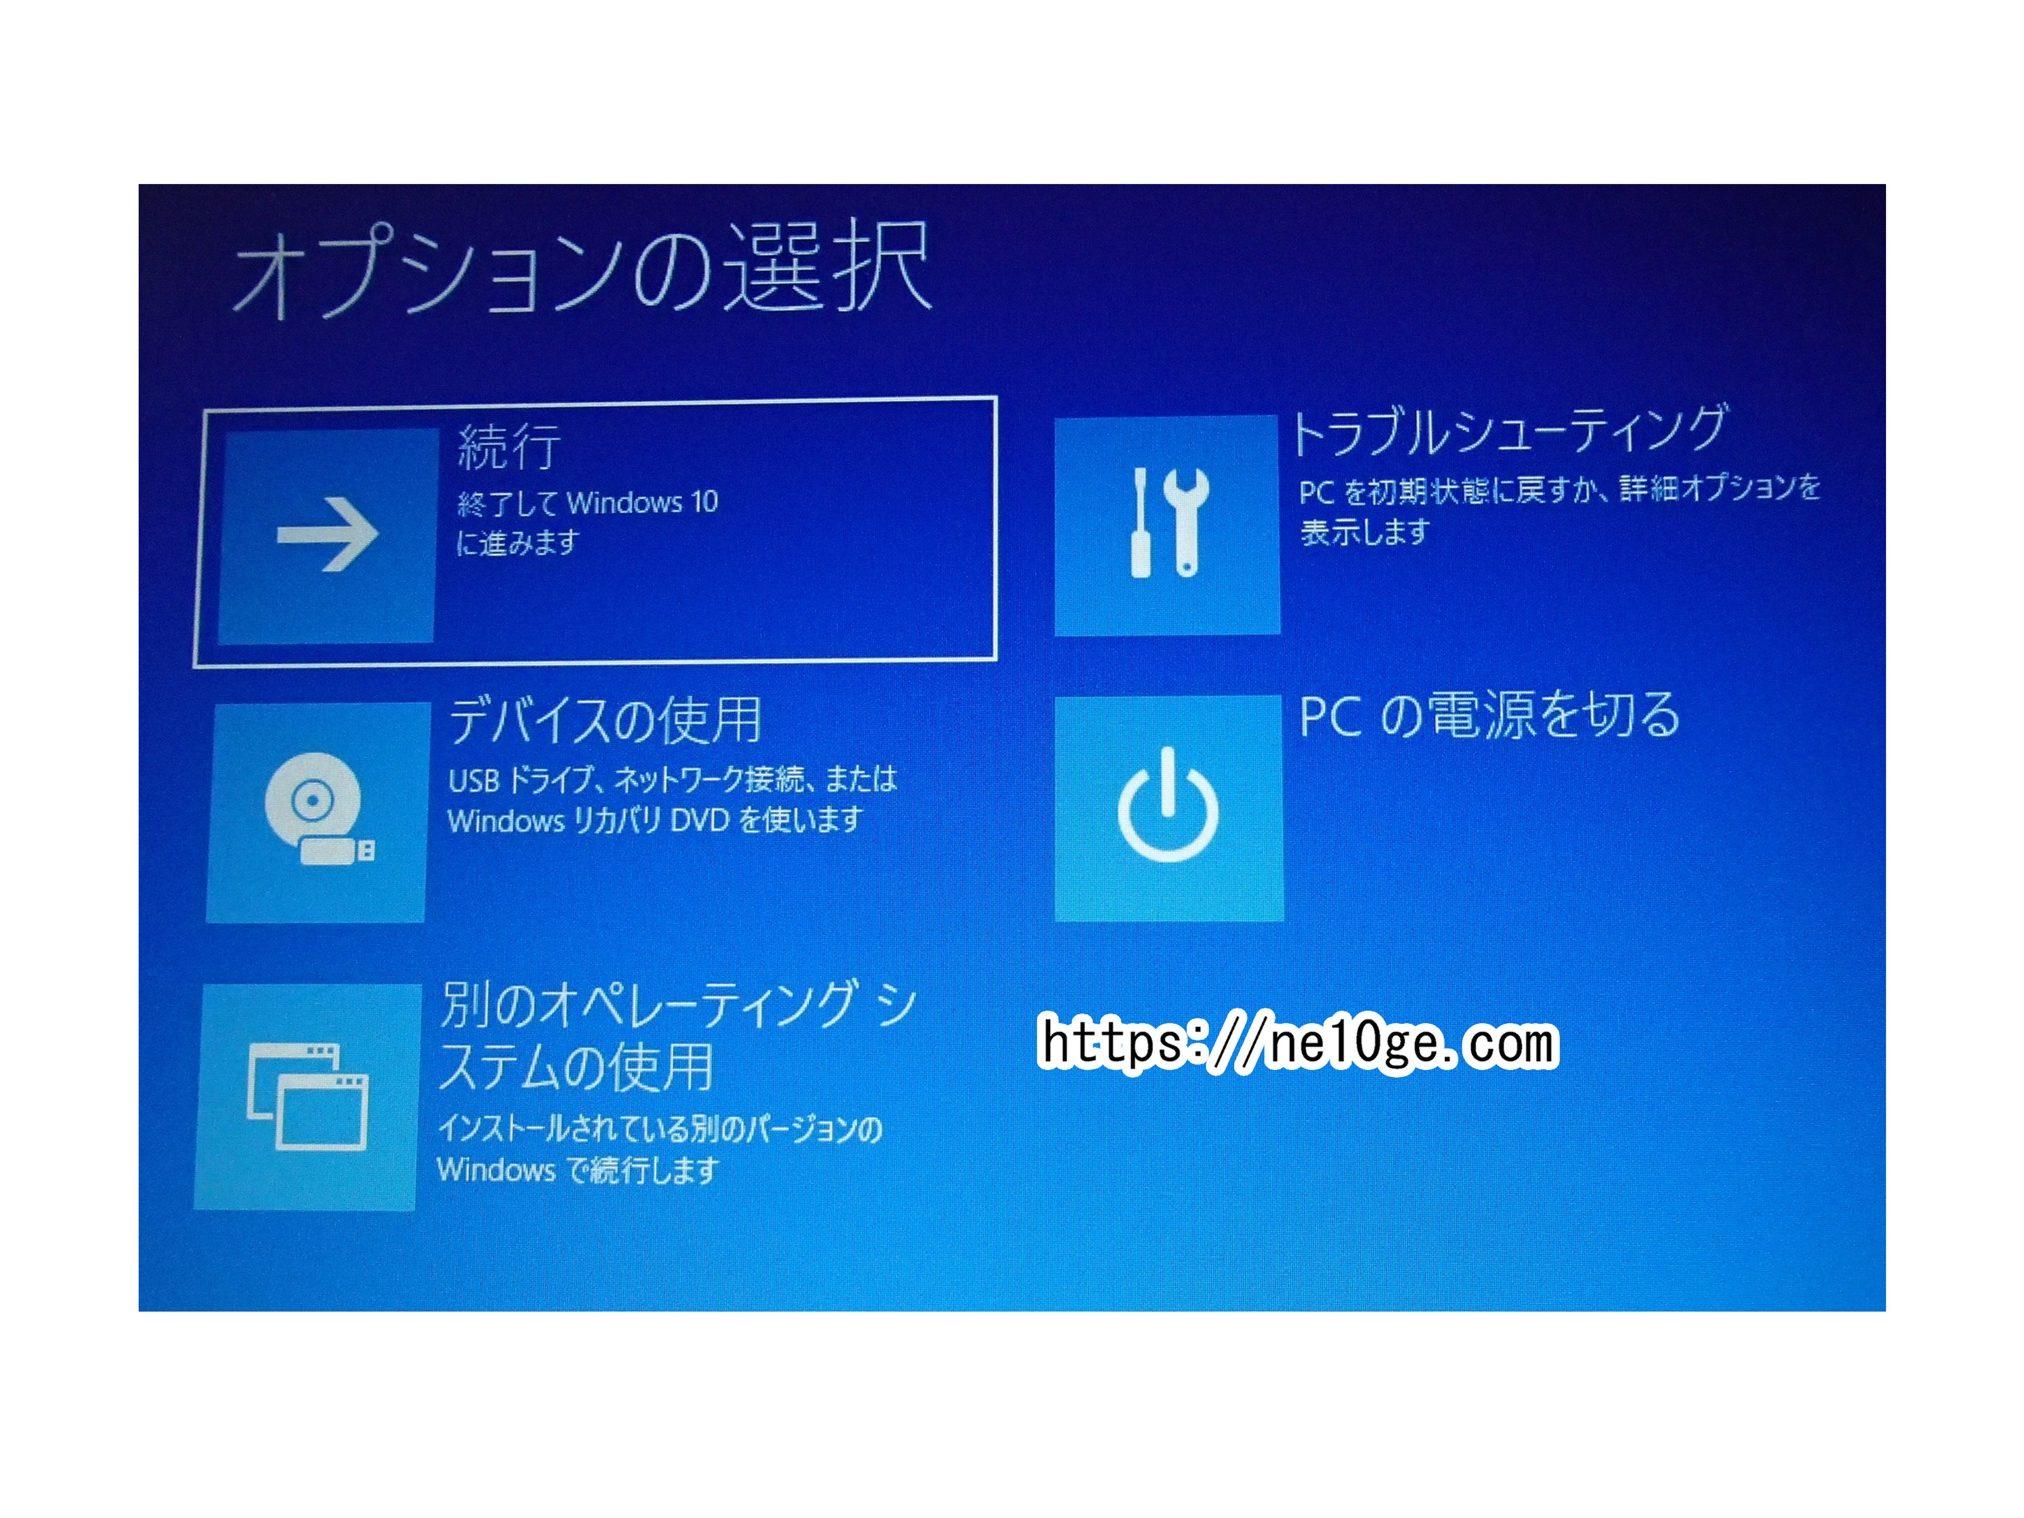 Windows10 オプションの選択画面